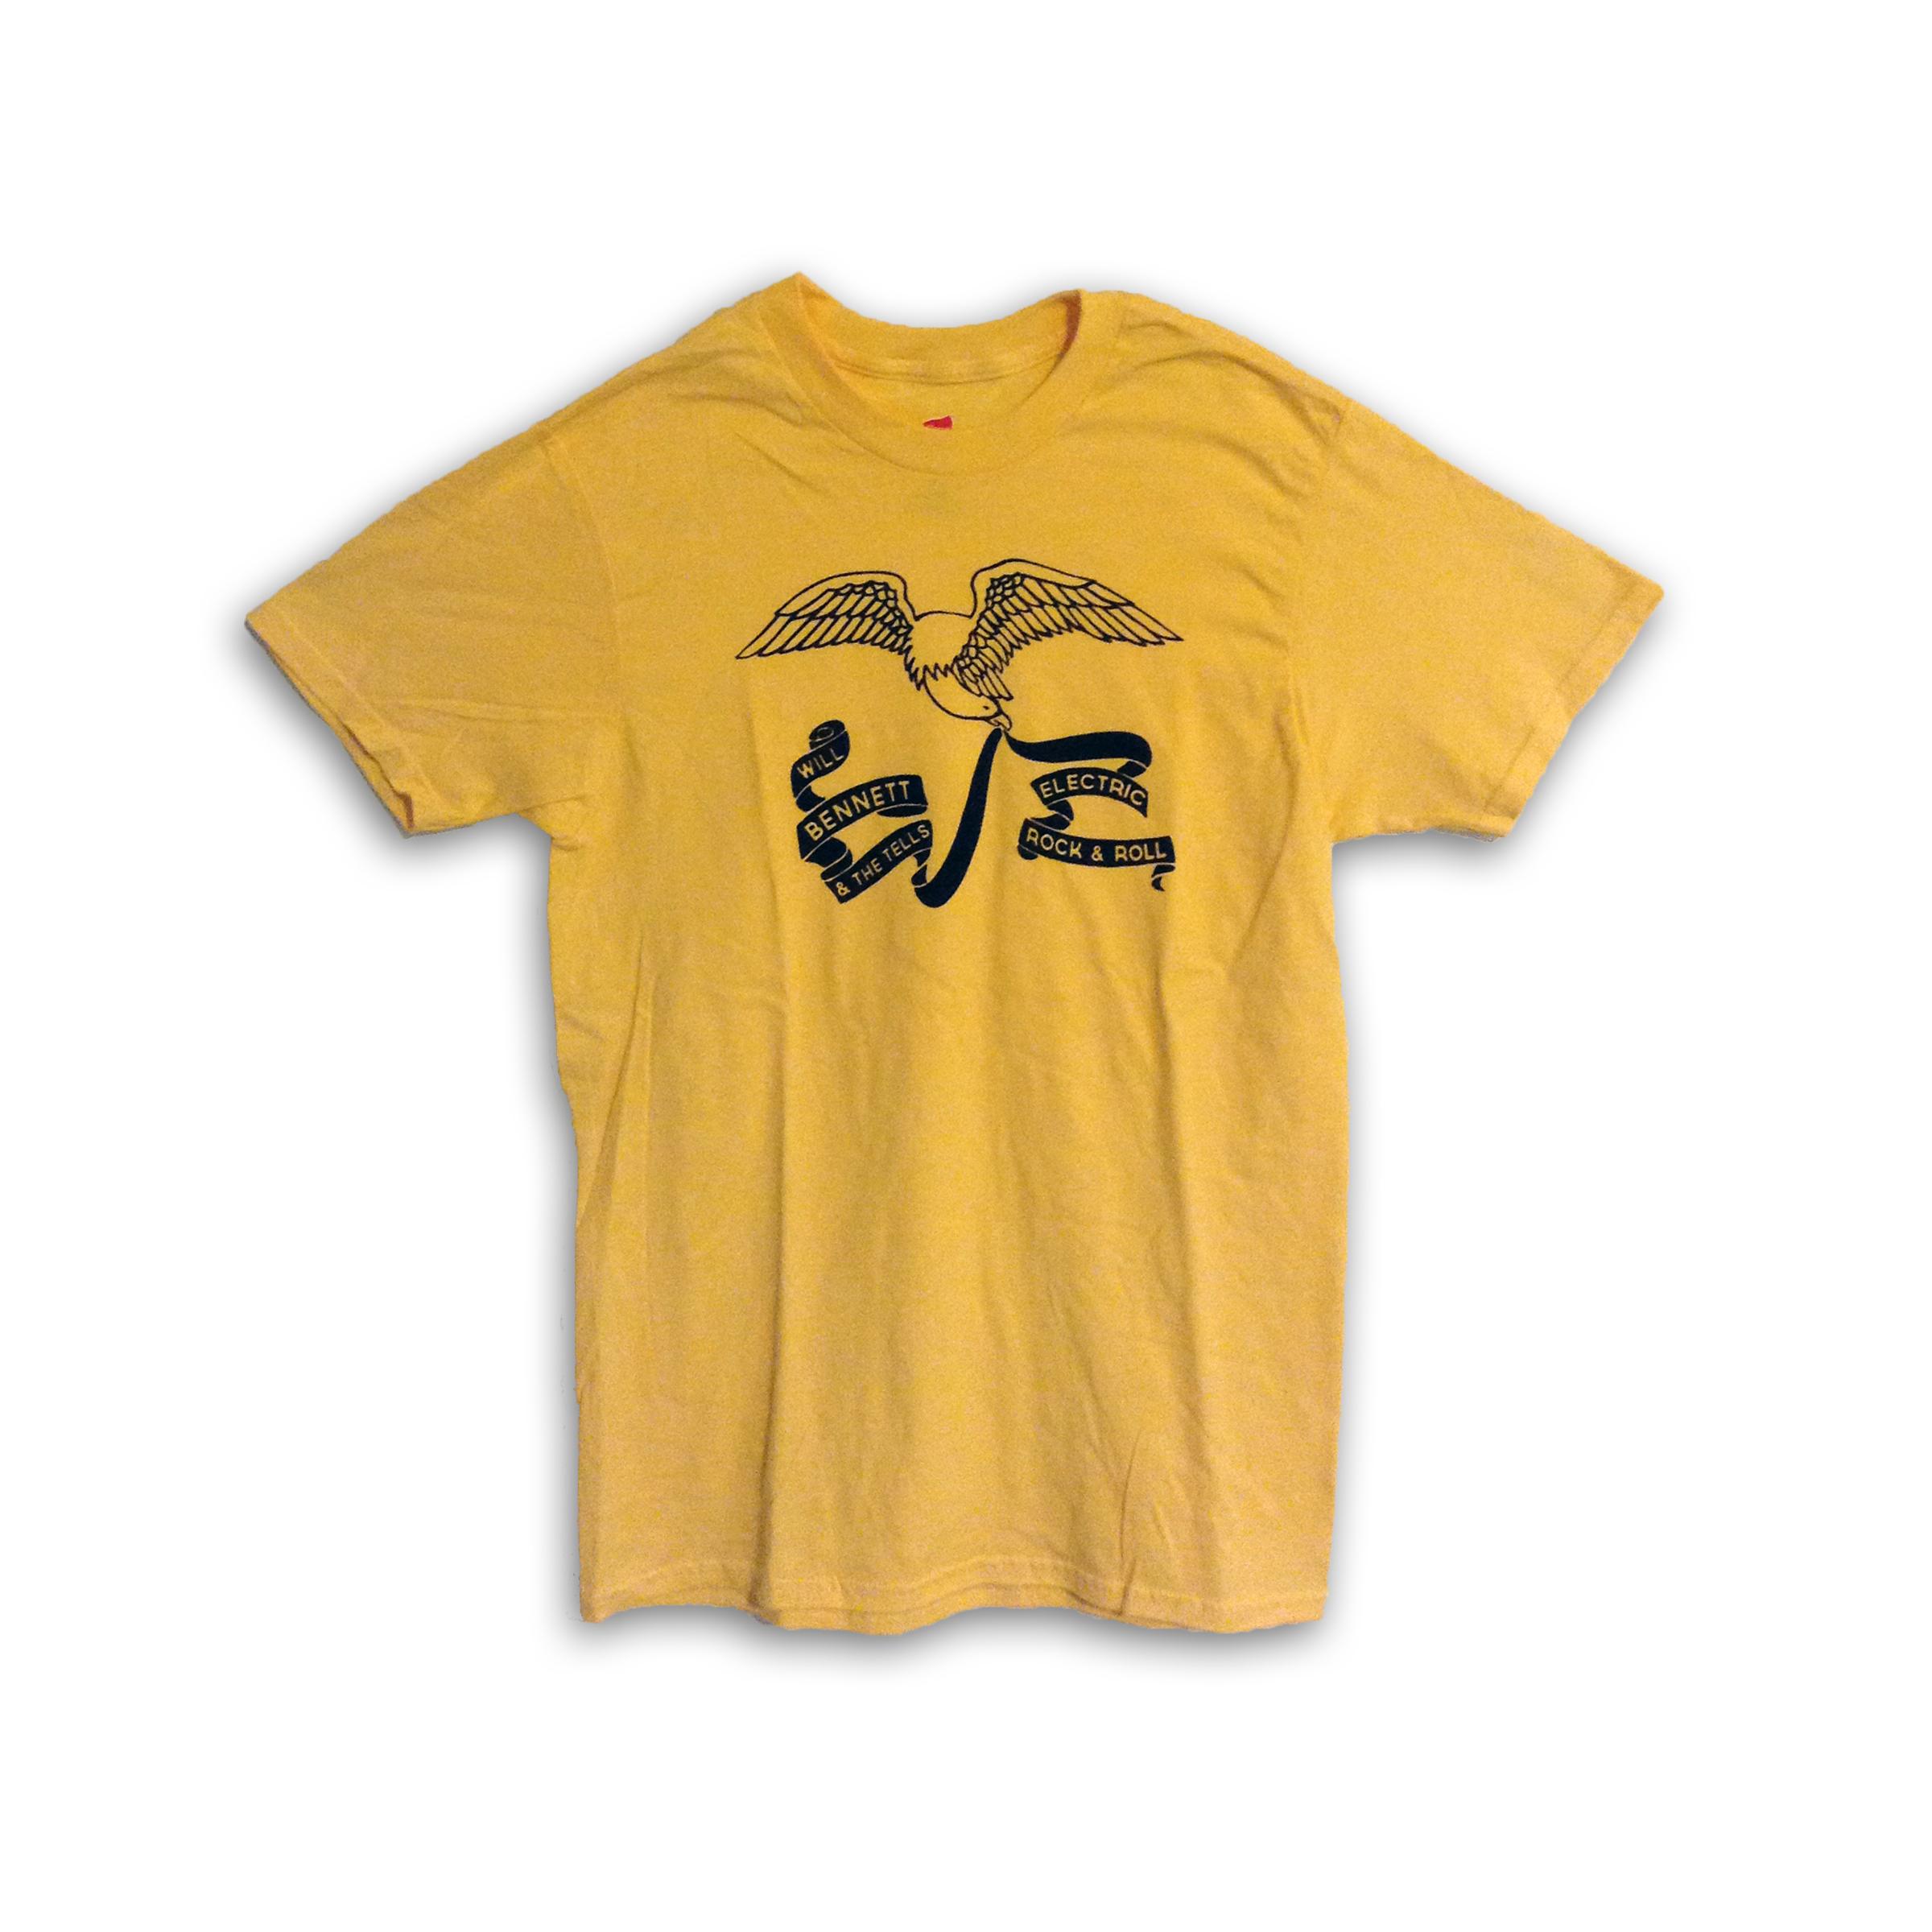 LP + T-shirt Bundle